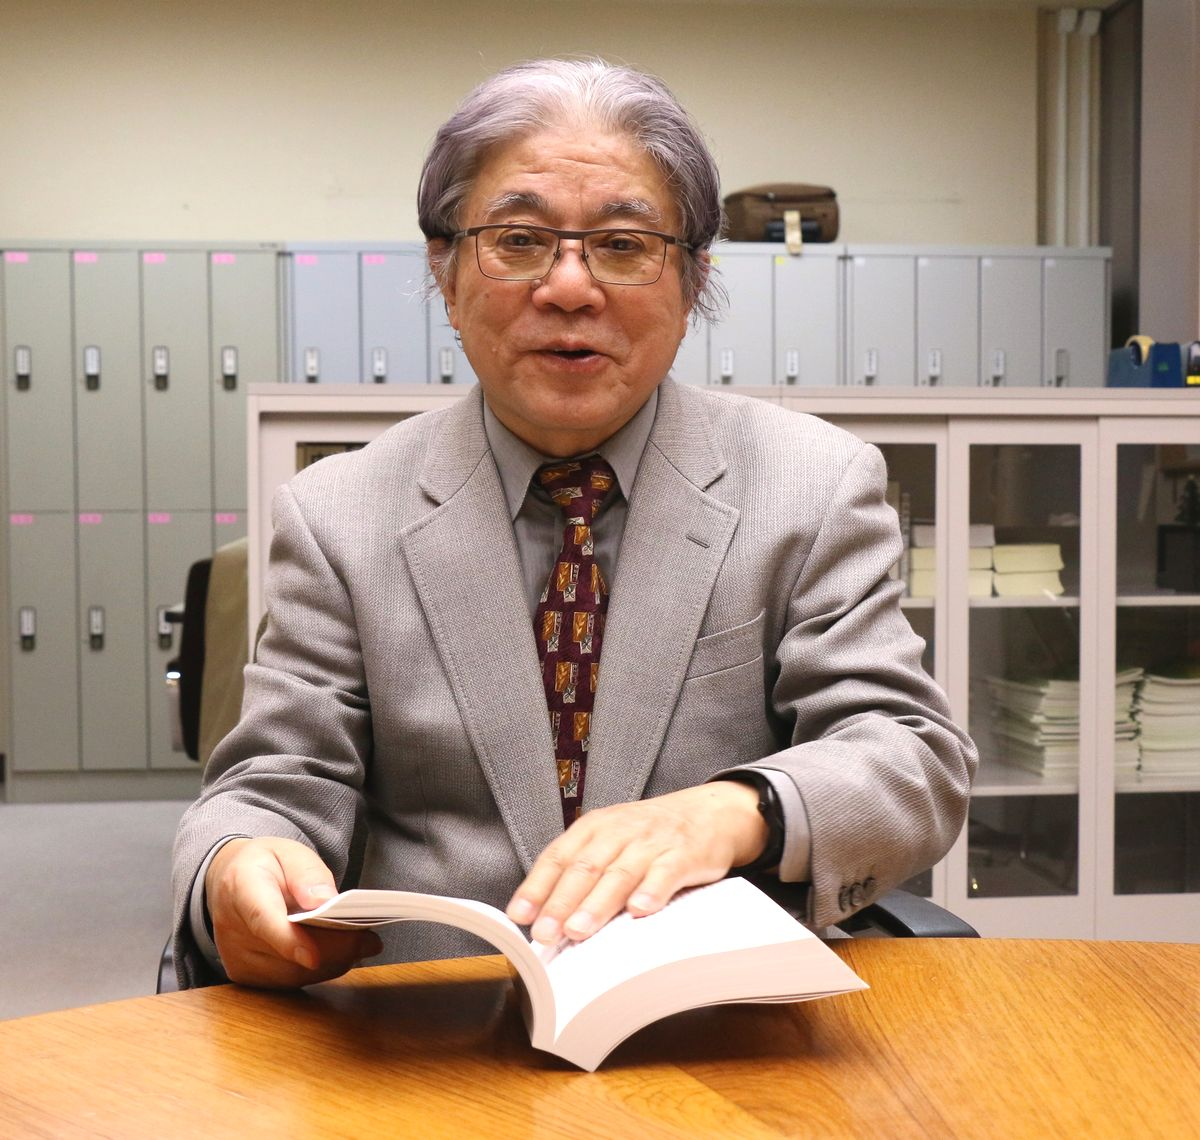 写真・図版 : 「教授に必要なことは研究、教育、学内行政、社会貢献、後進育成の5つだと恩師に教わりました。研究だけが不満足だったといえるでしょうか…」と語る小此木政夫さん=2019年12月、東京・三田の慶応大学、筆者撮影